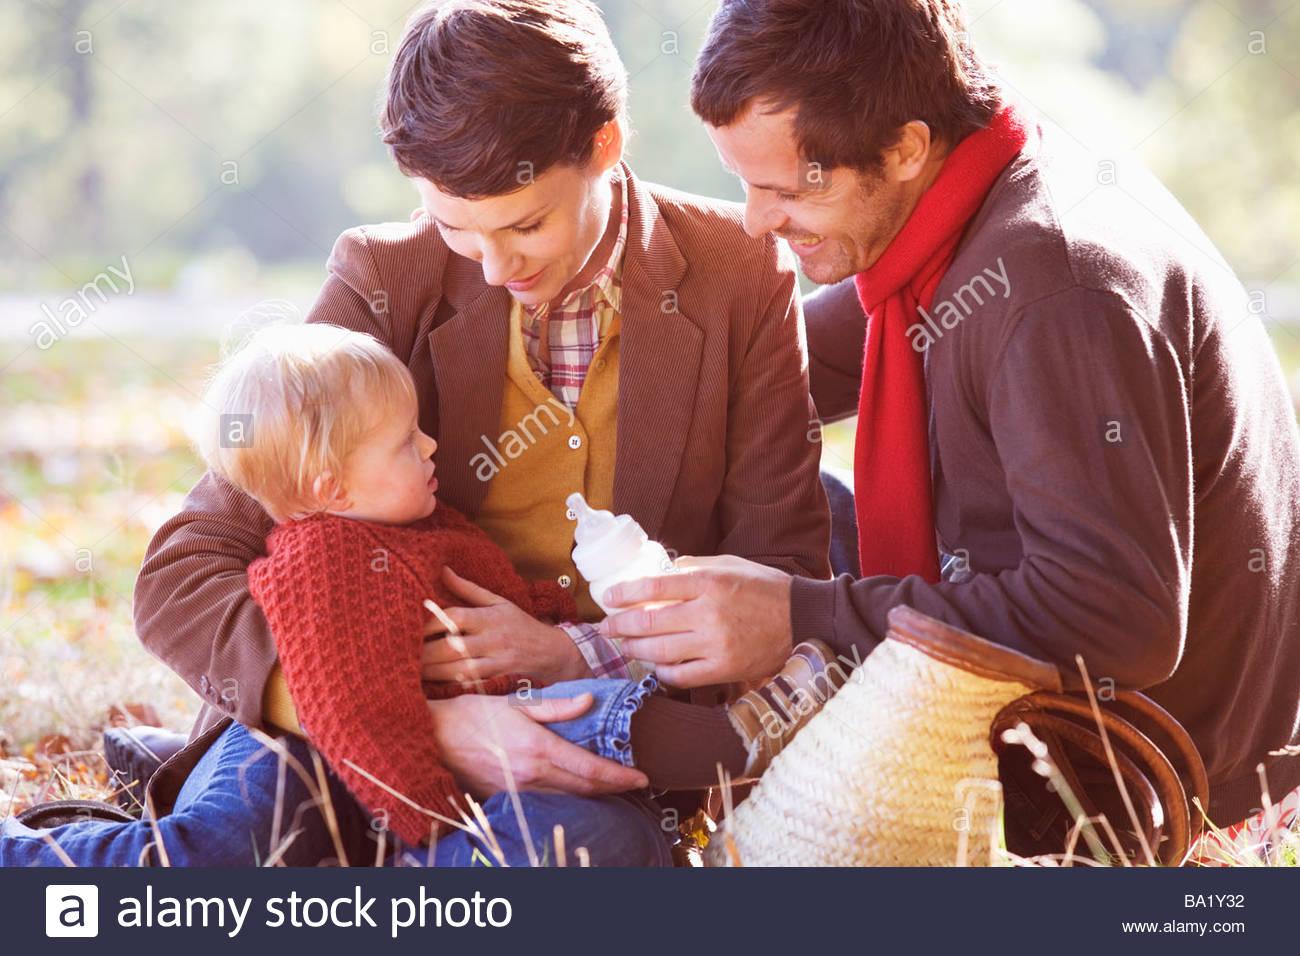 Une jeune famille assis sur l'herbe, père de l'enfant Photo Stock